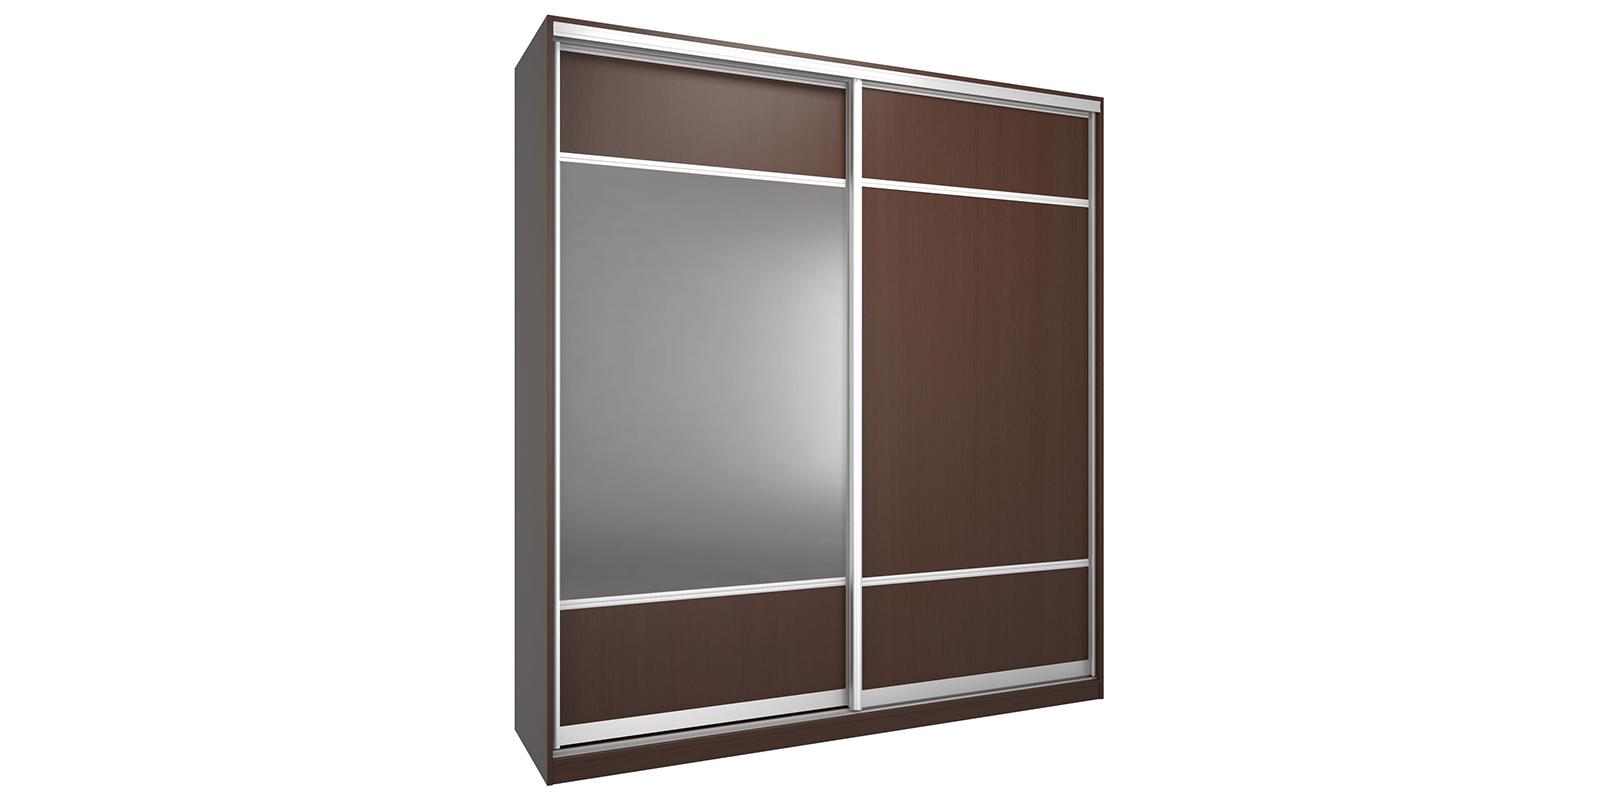 Шкаф-купе двухдверный Бостон 200 см (бук тироль шоколадный+зеркало)